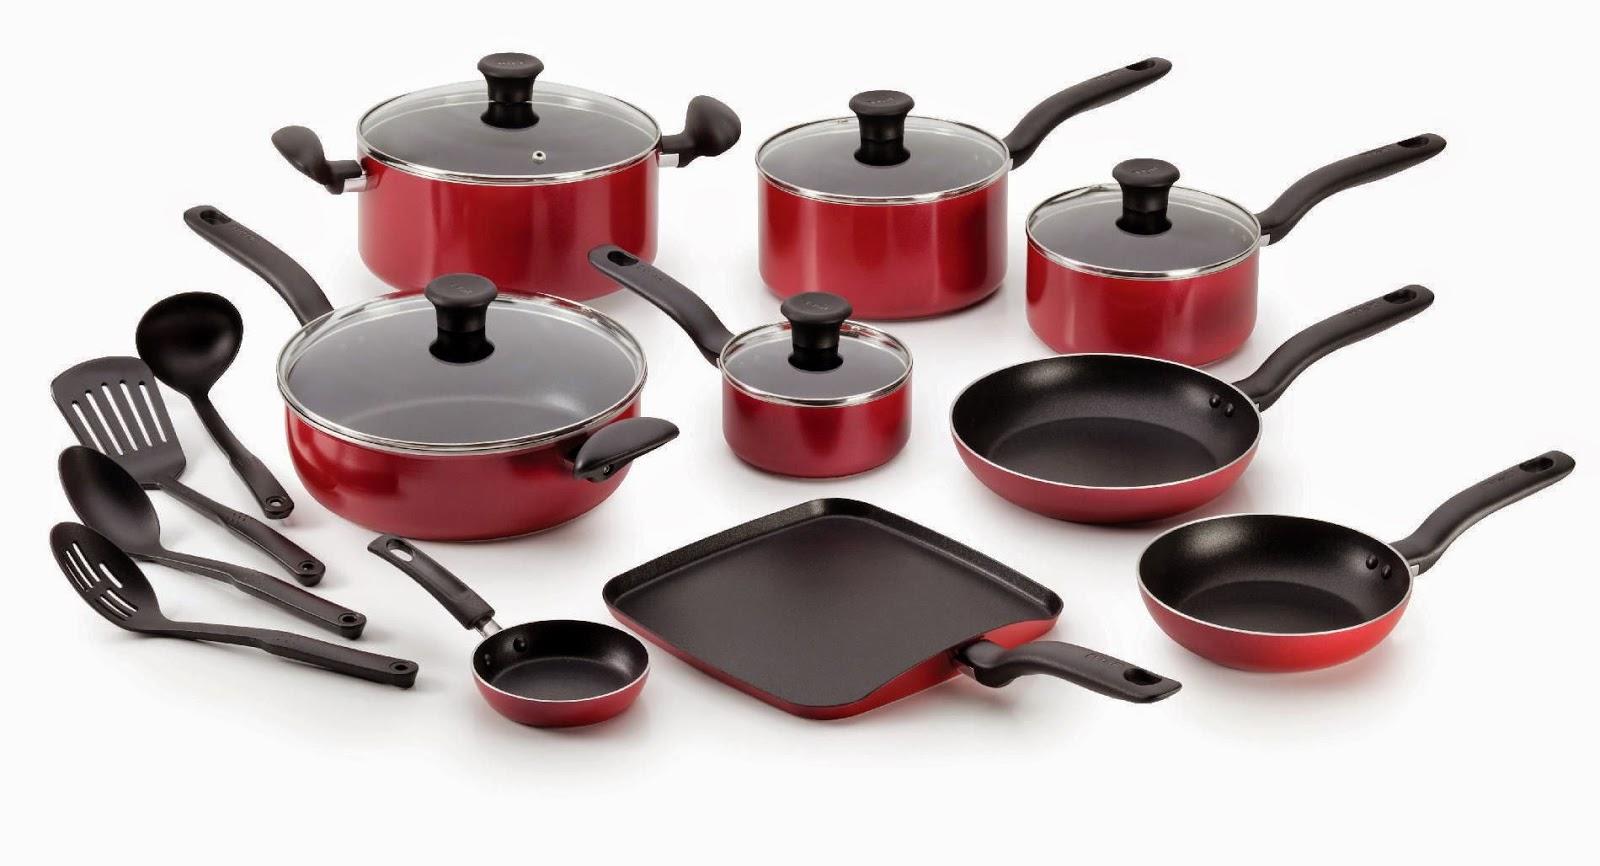 Best Dishwasher Safe Nonstick Cookware Set